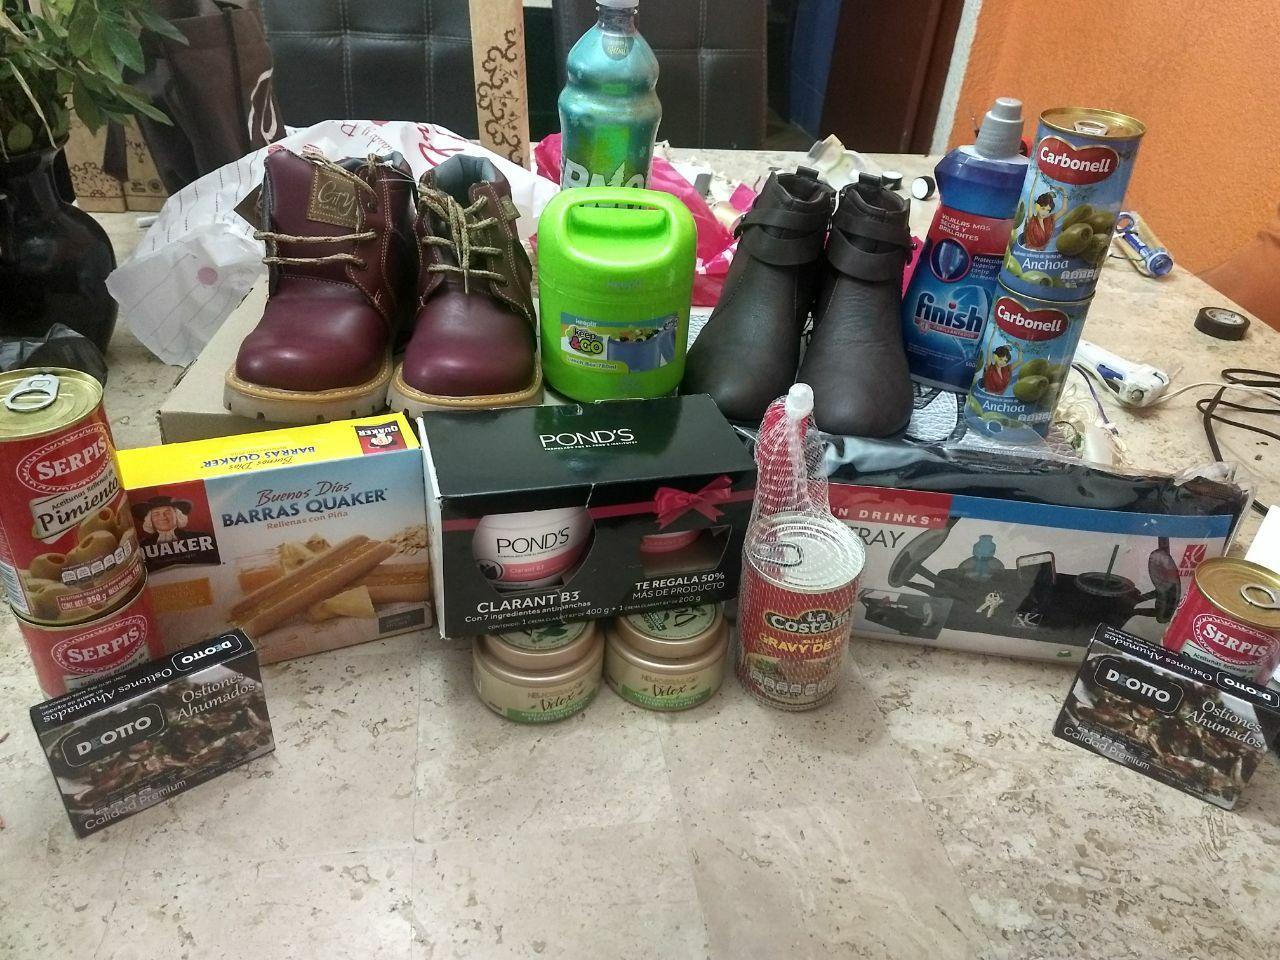 Walmart Acueducto de Guadalupe: Aceitunas rellenas de pimiento Serpis en $18.02 y más